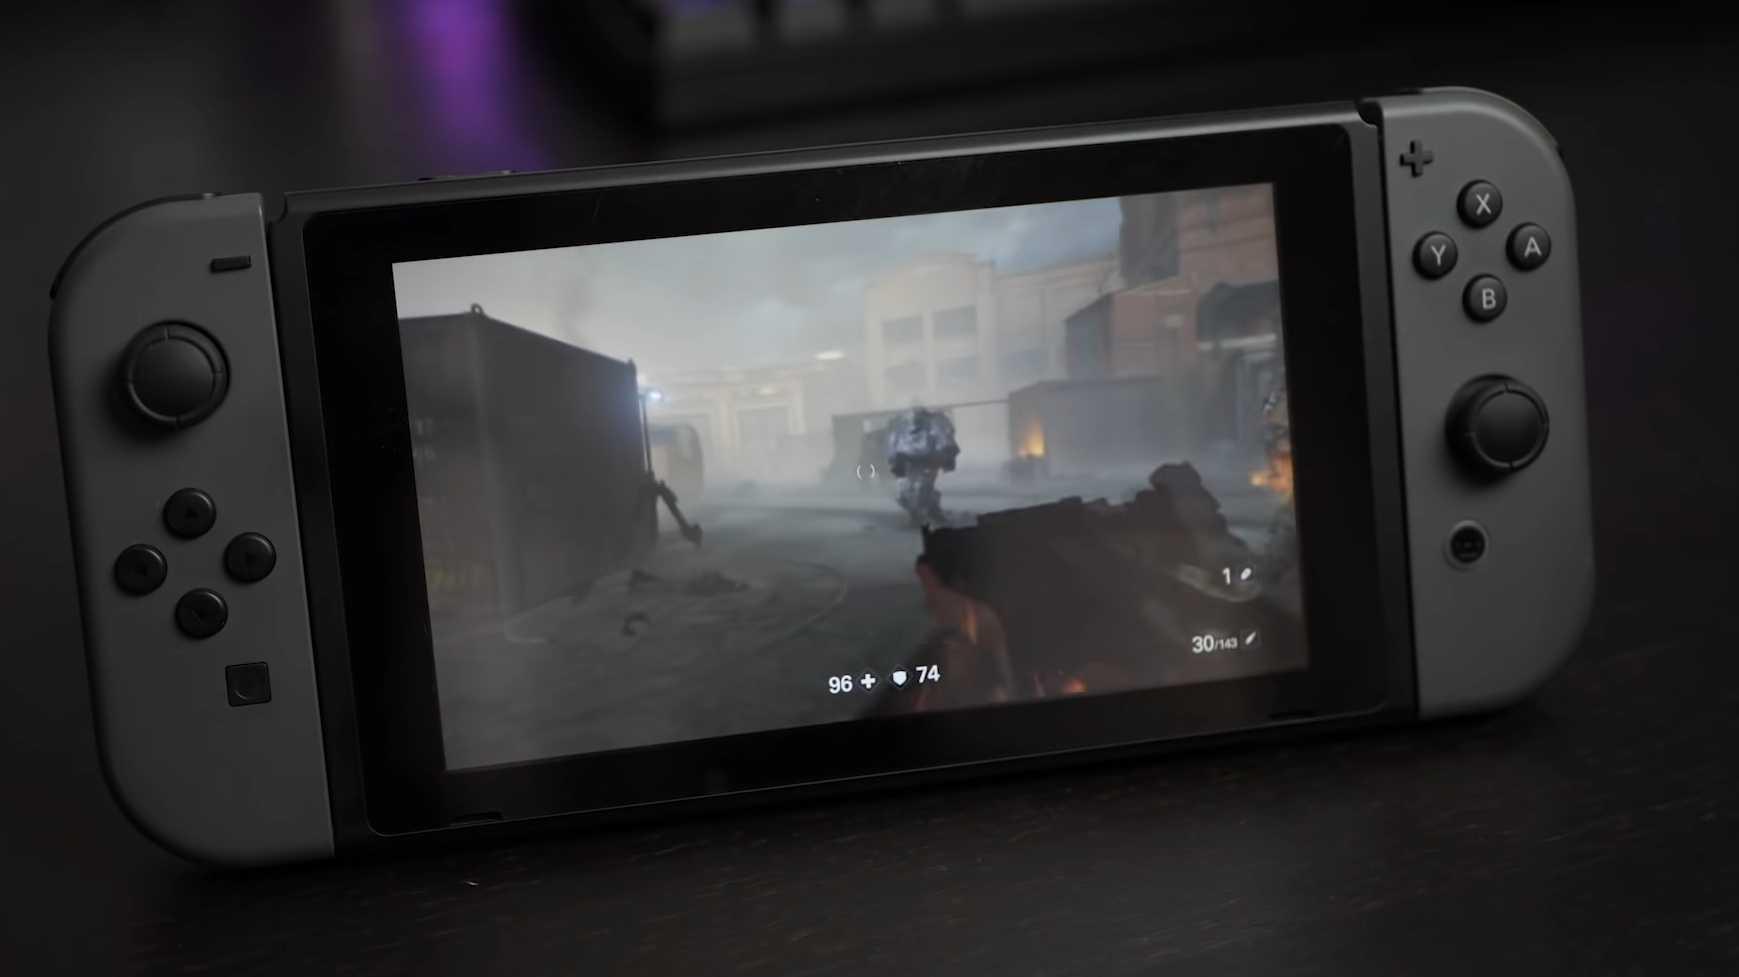 Wolfenstein 2 auf der Nintendo Switch: Technik-Tricks und Unschärfe für 30 fps